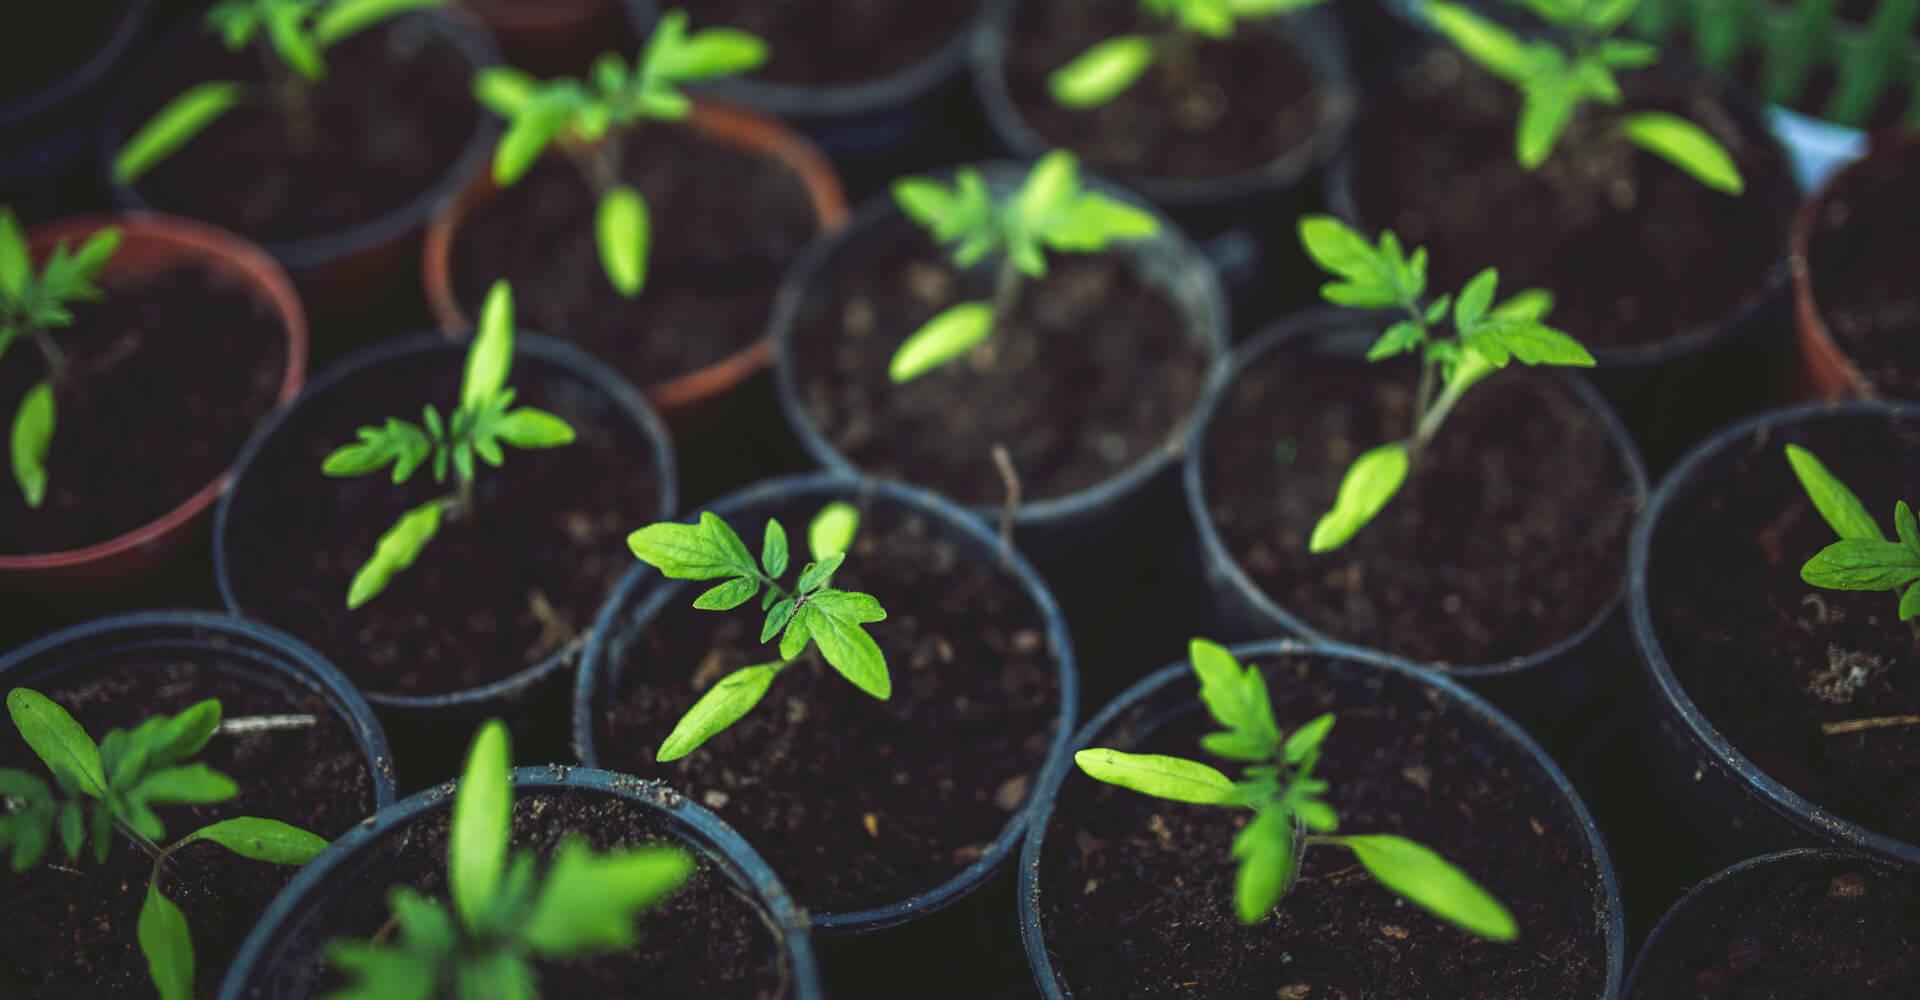 organic fertilizer helps plants growth